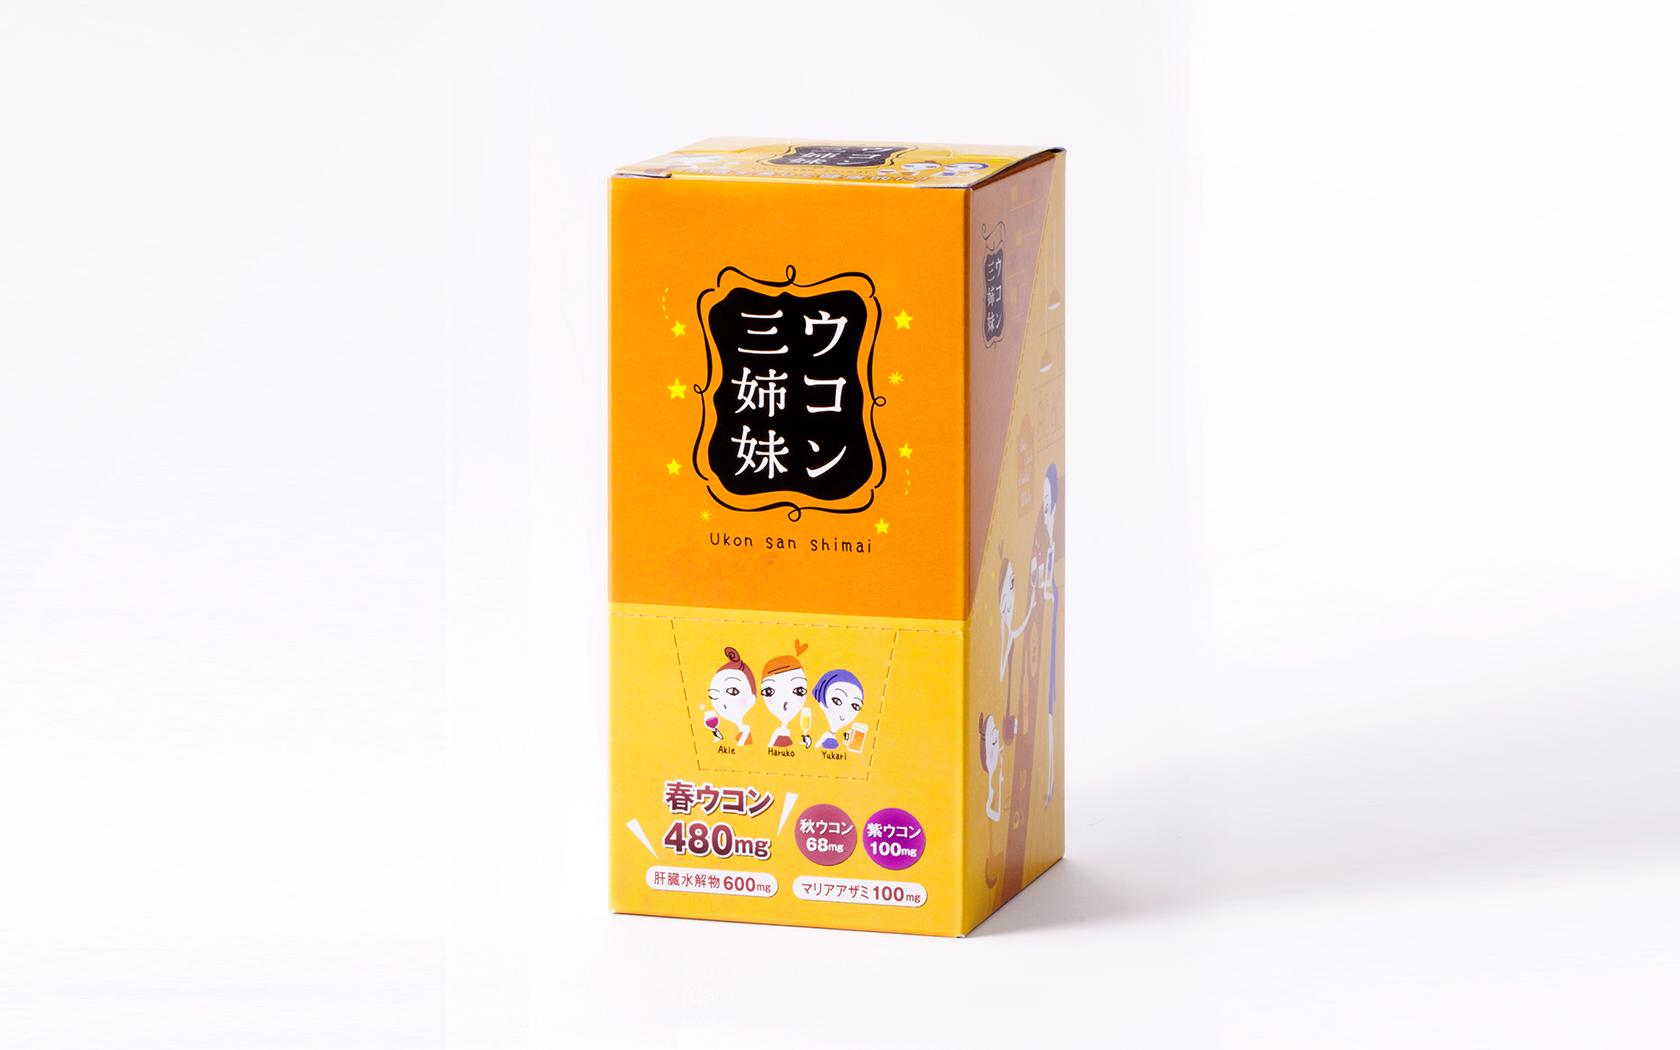 ウコン三姉妹 ボックス